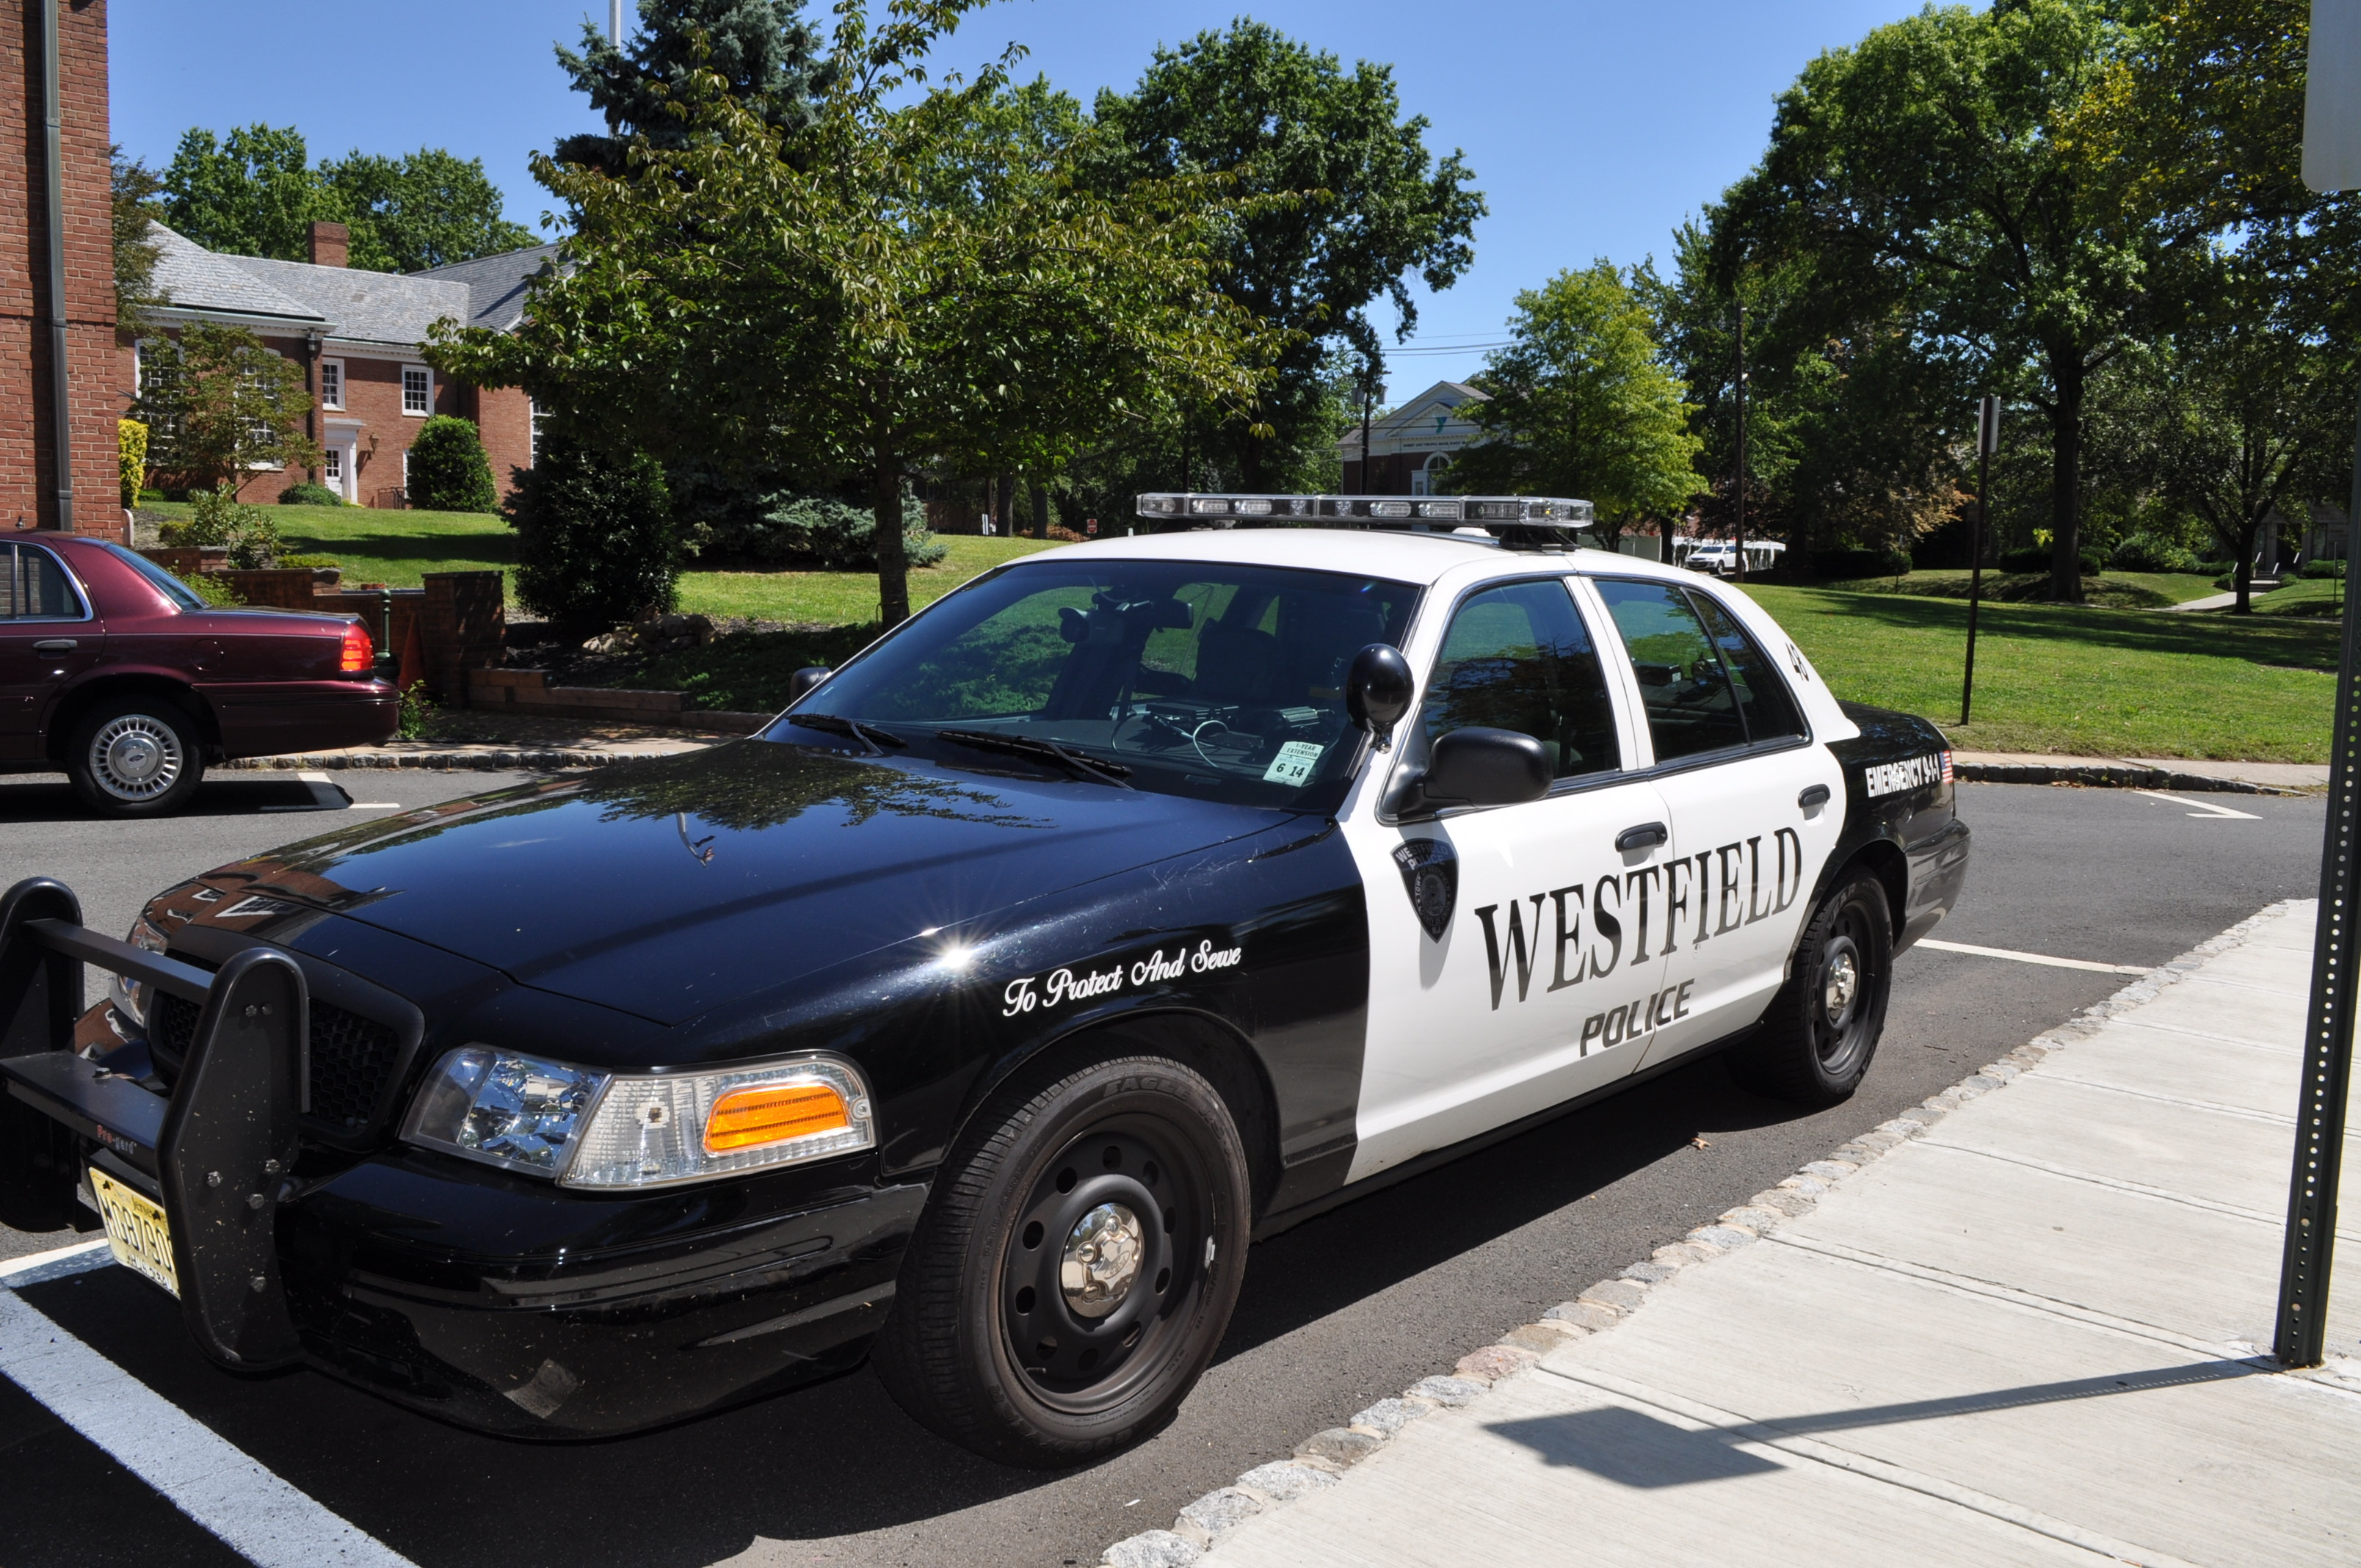 0fdc09395afcb2033d78_police_car.JPG